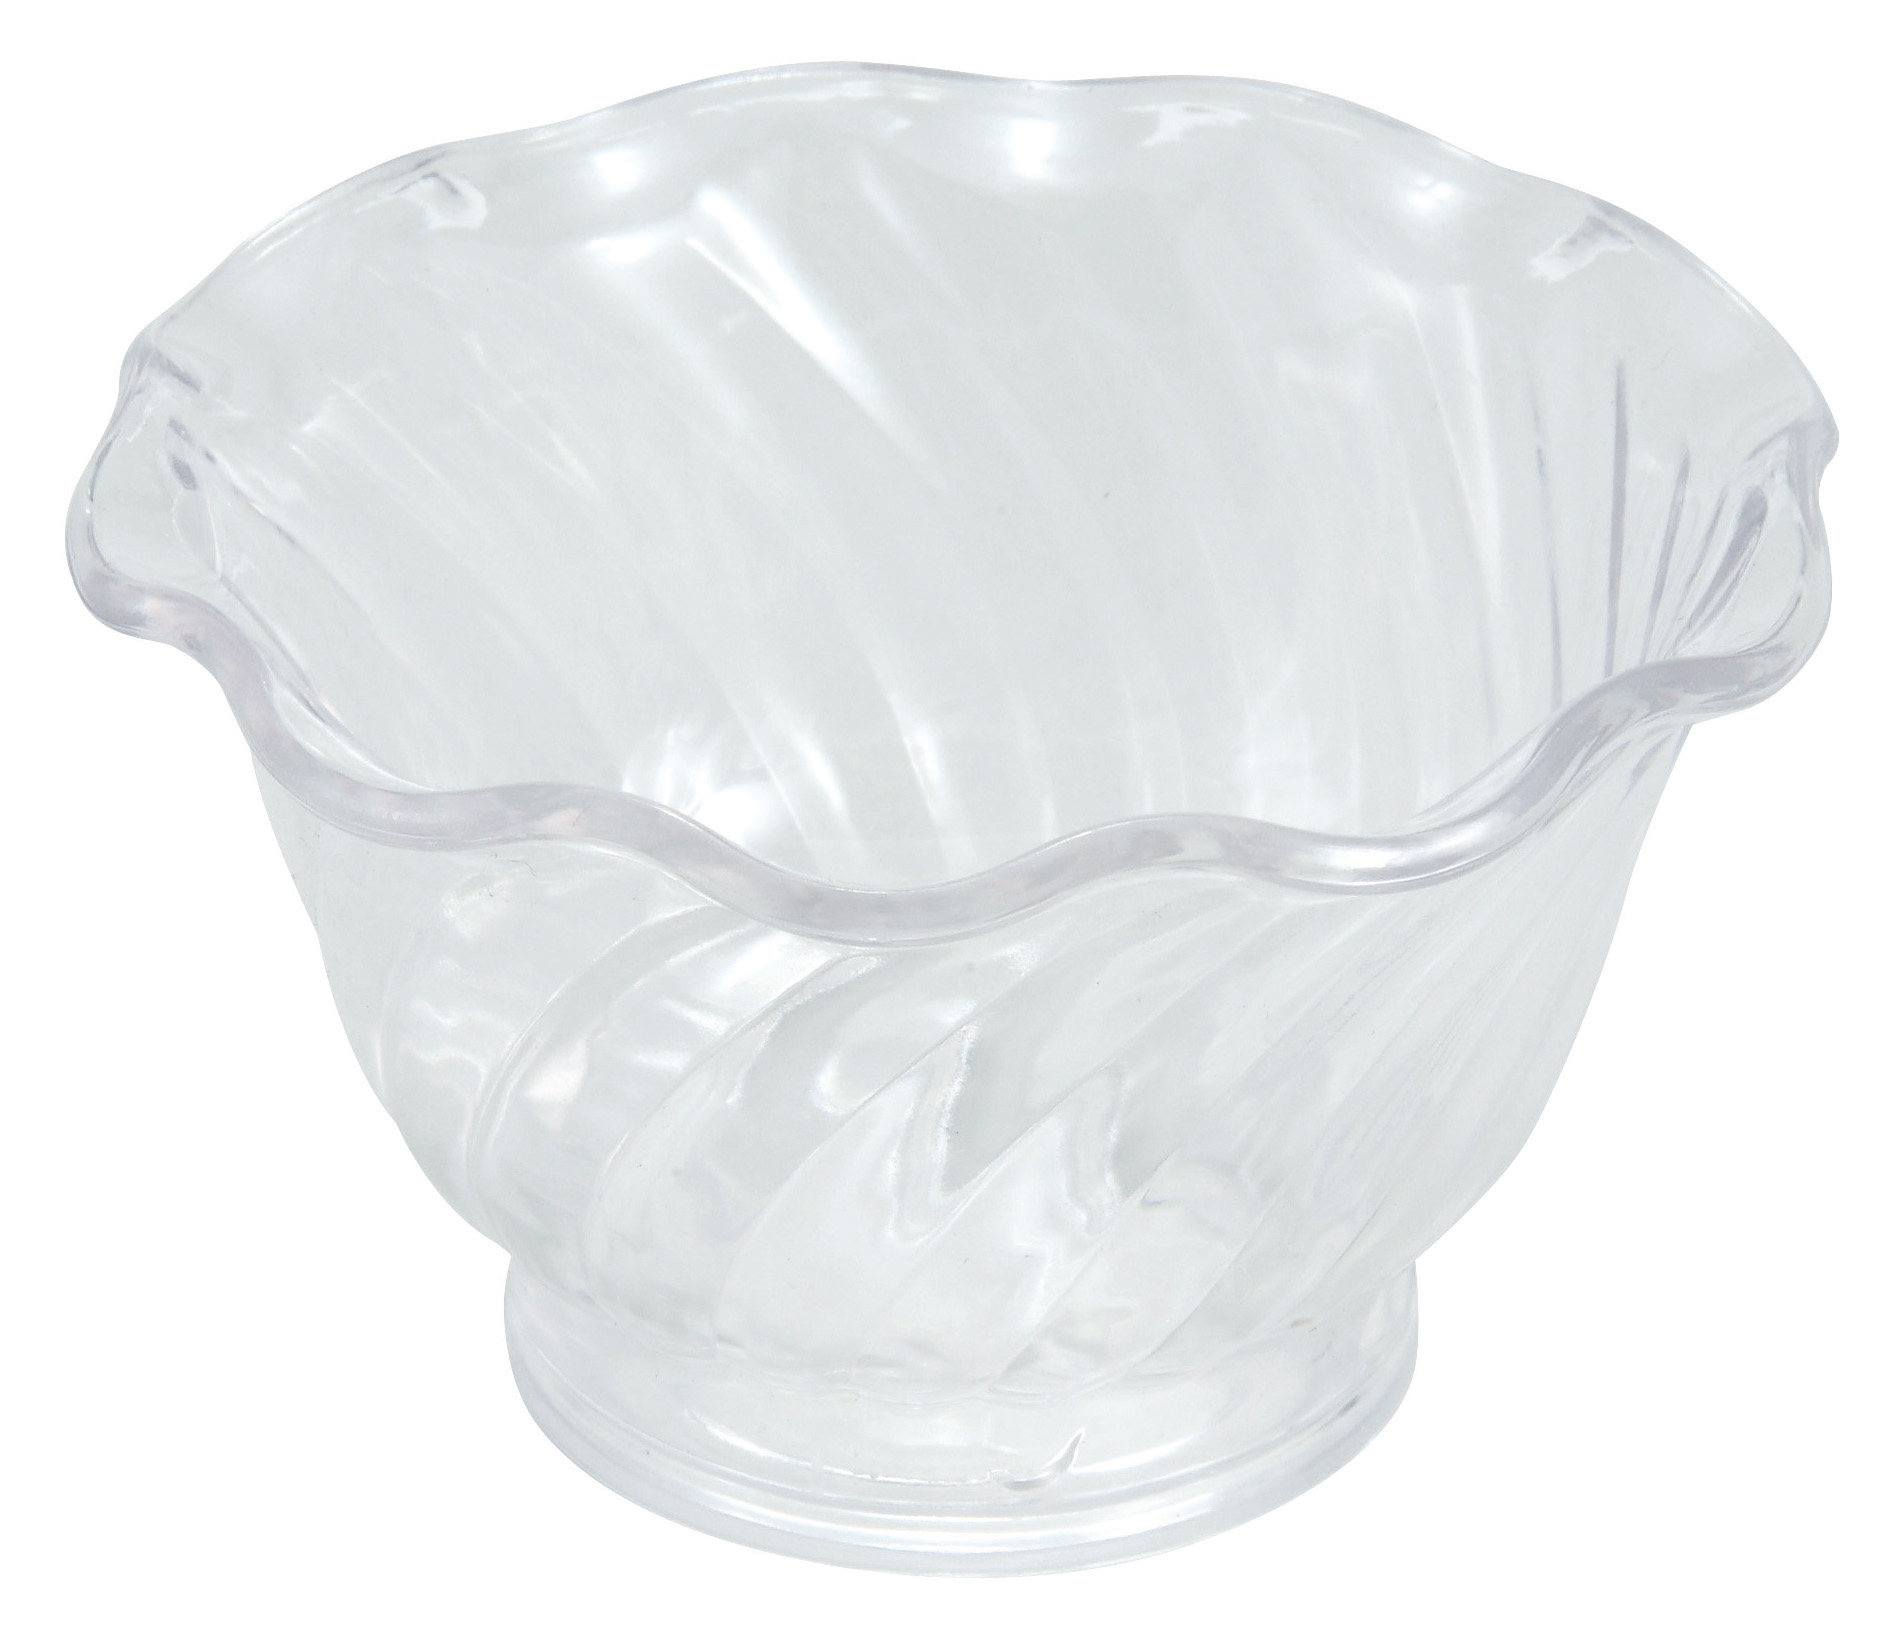 Winco ICC-5C serving cups